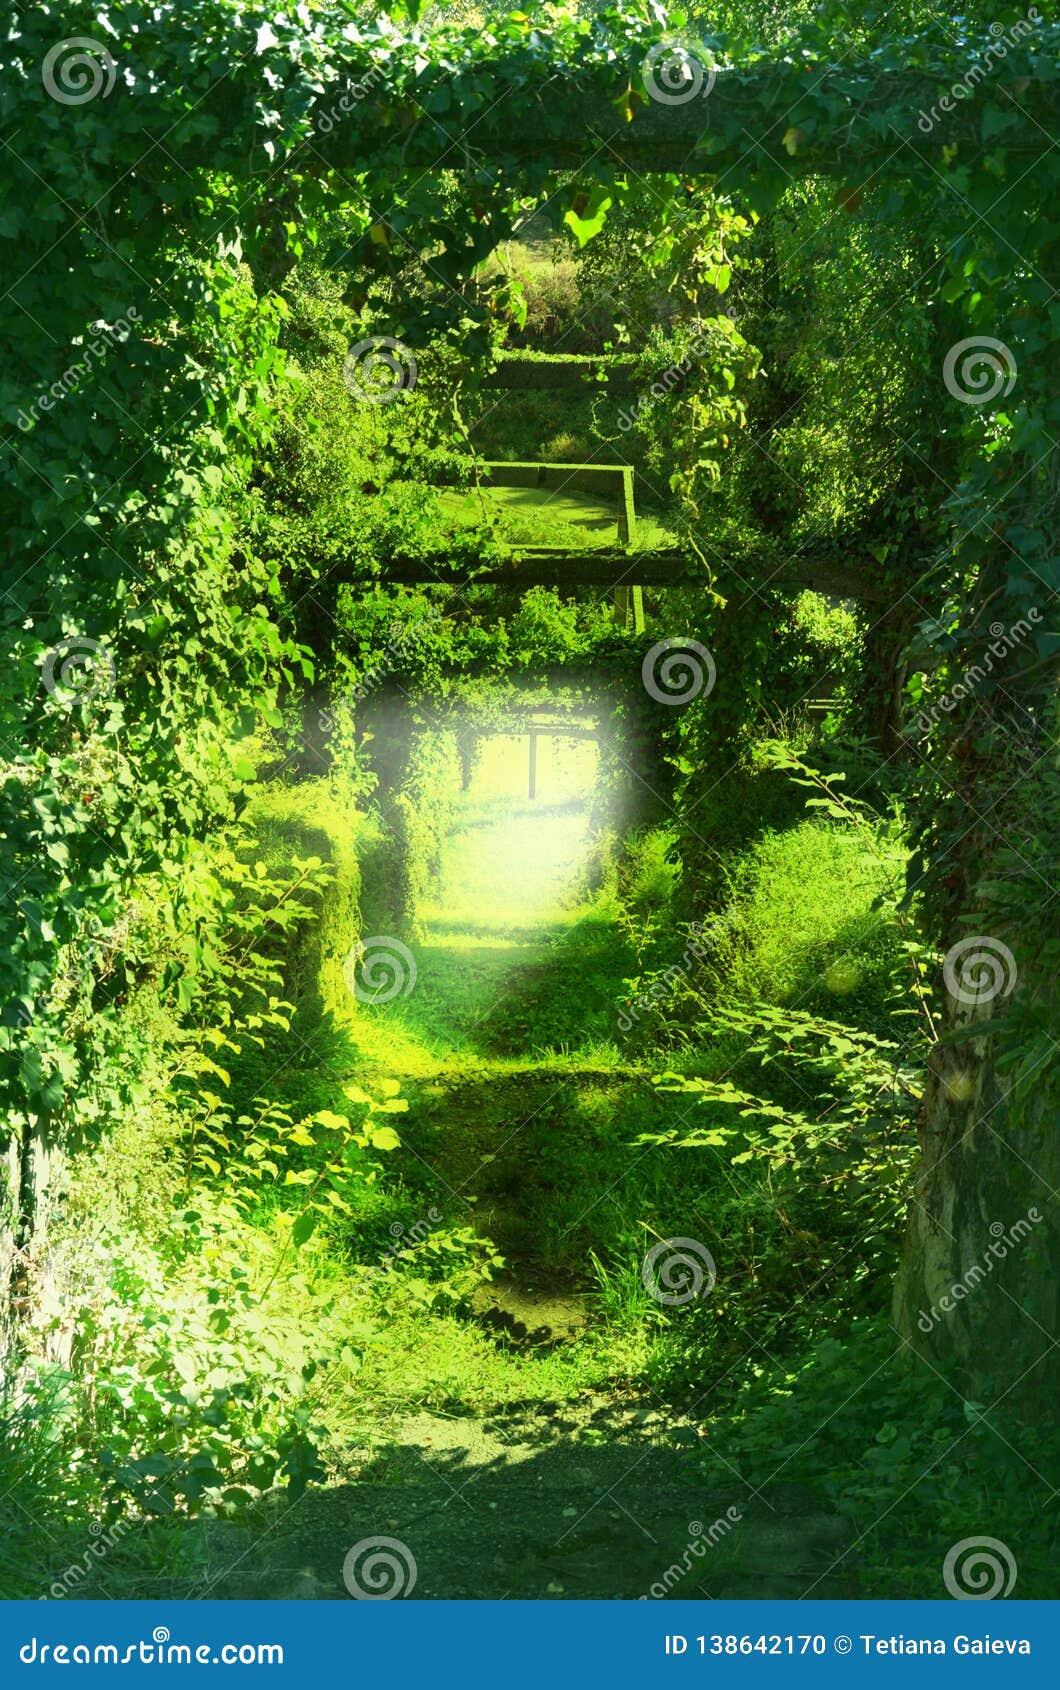 Traccia nei tunnel verdi dei rami degli alberi, erba, viti rampicanti immagine